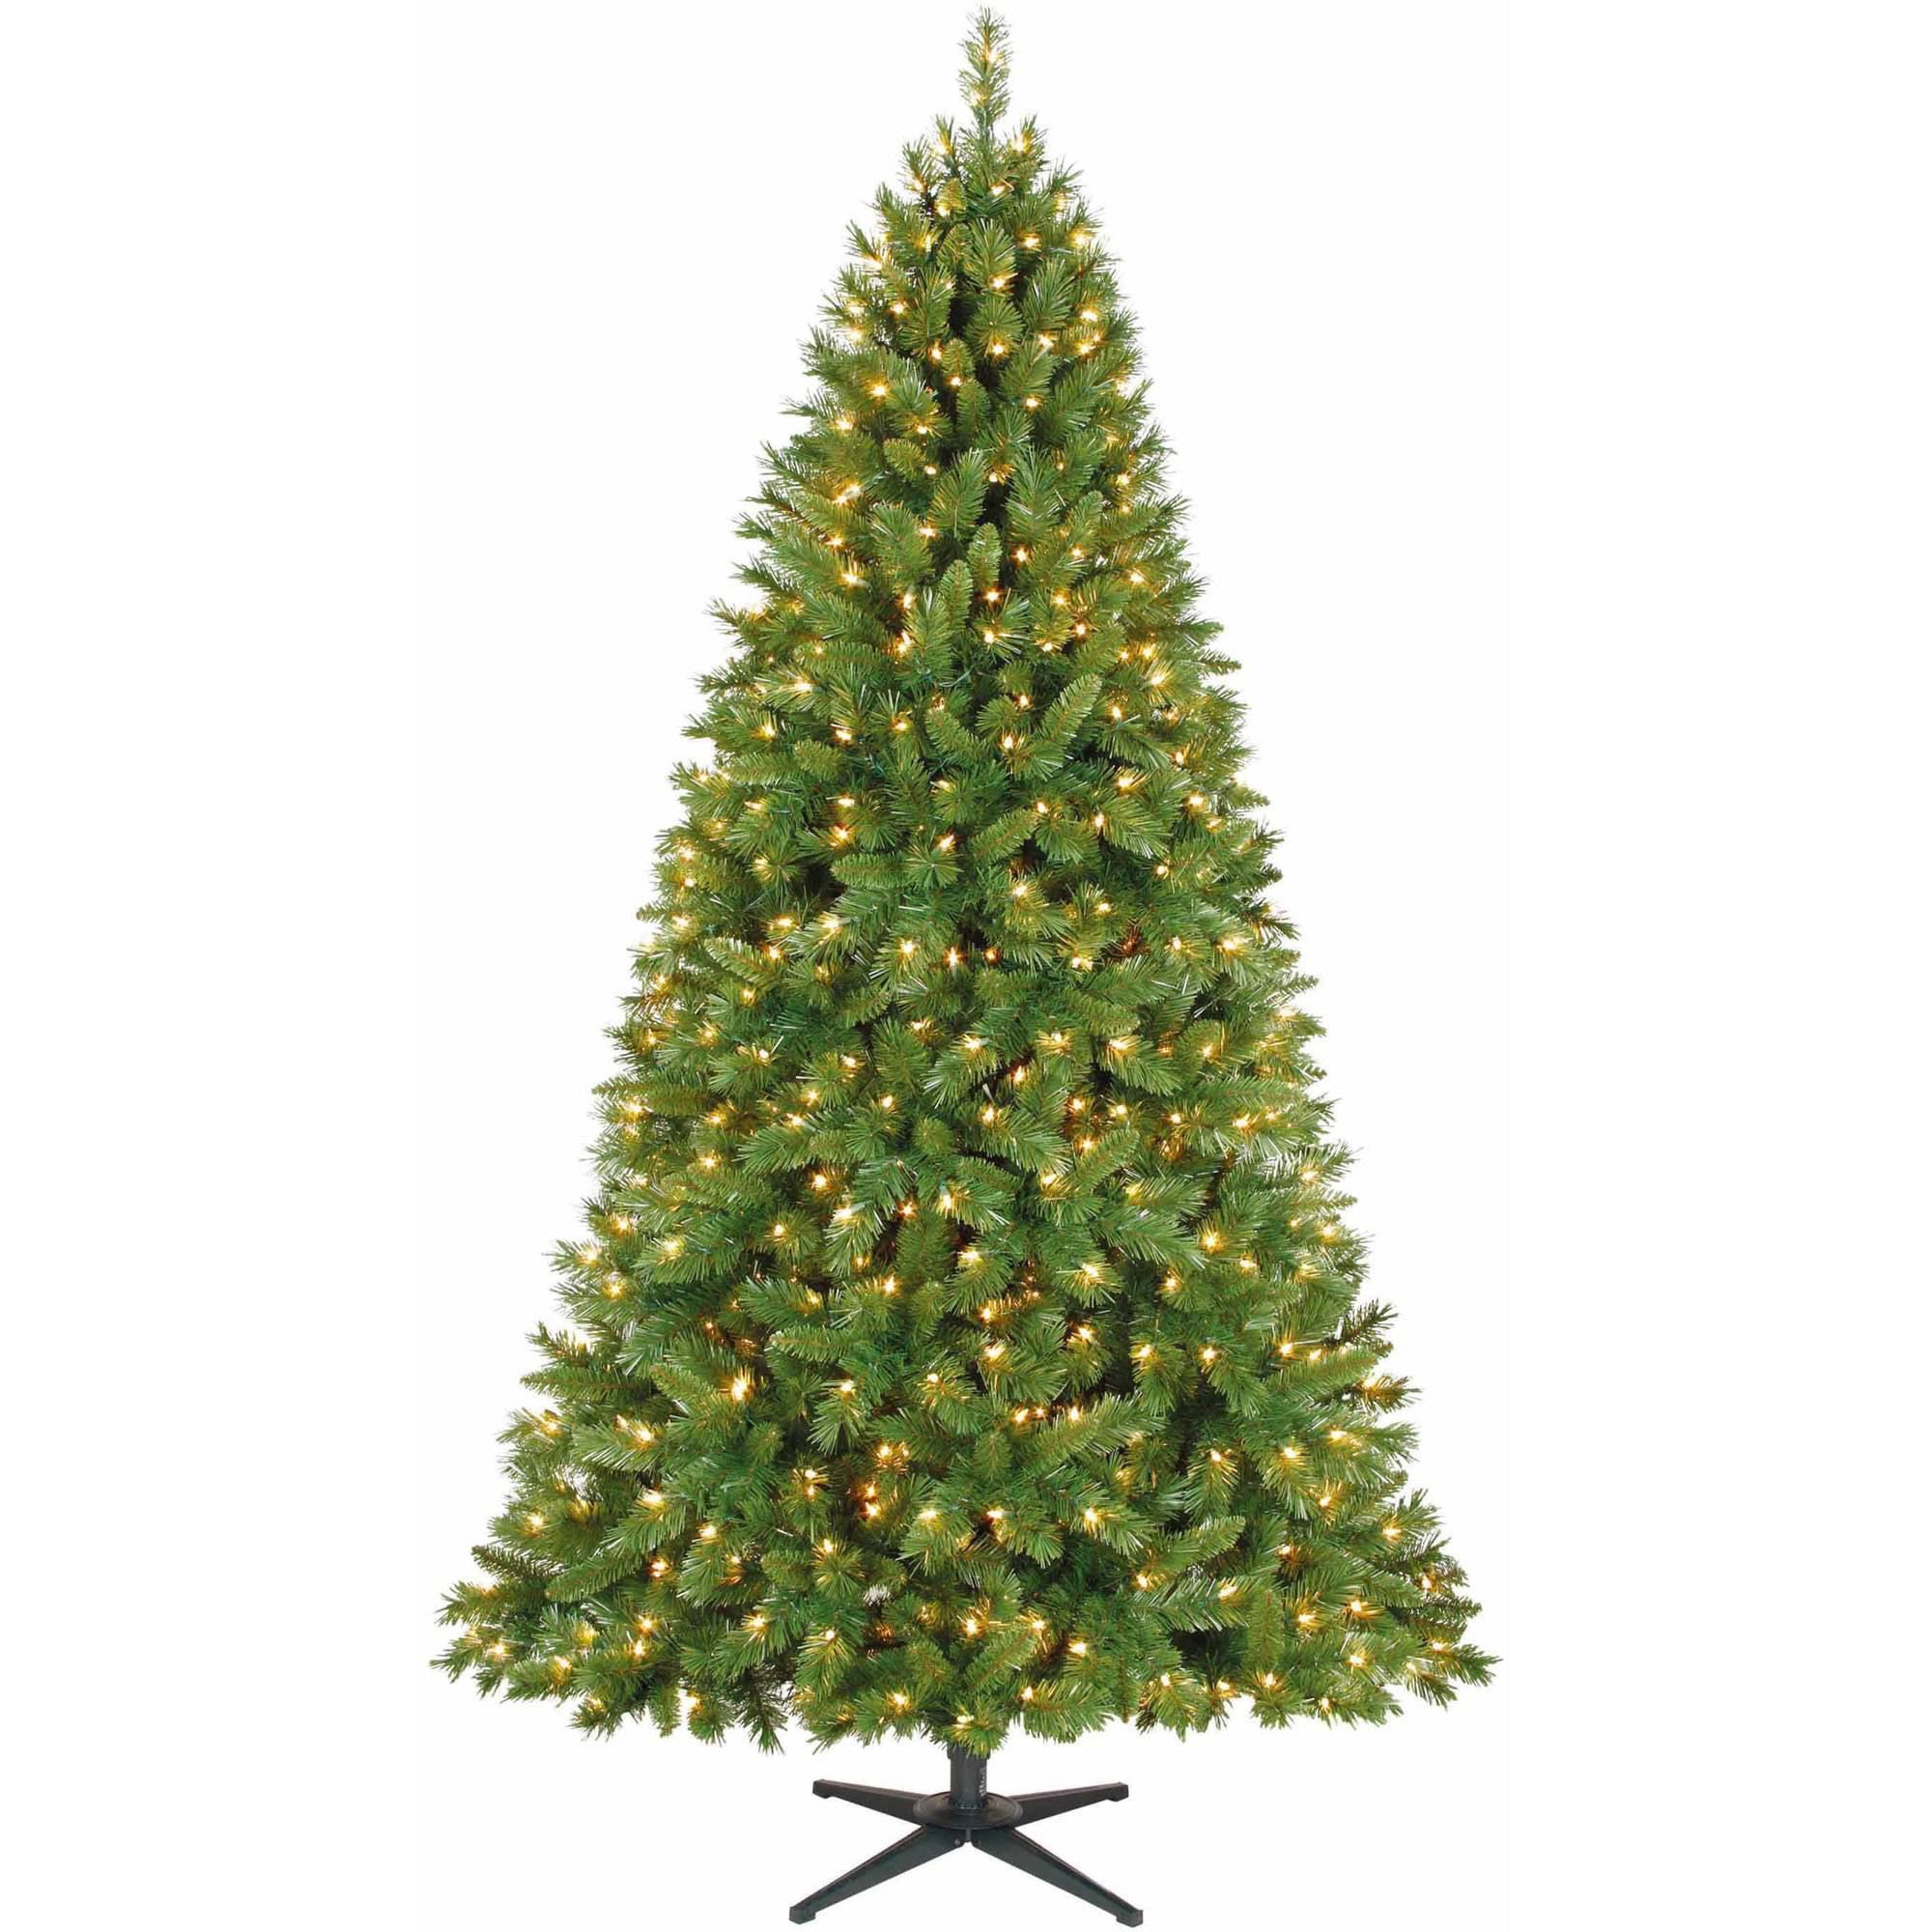 Artificial Christmas Tree Pre-Lit 7.5' Kennedy Fir, Clear Lights ...